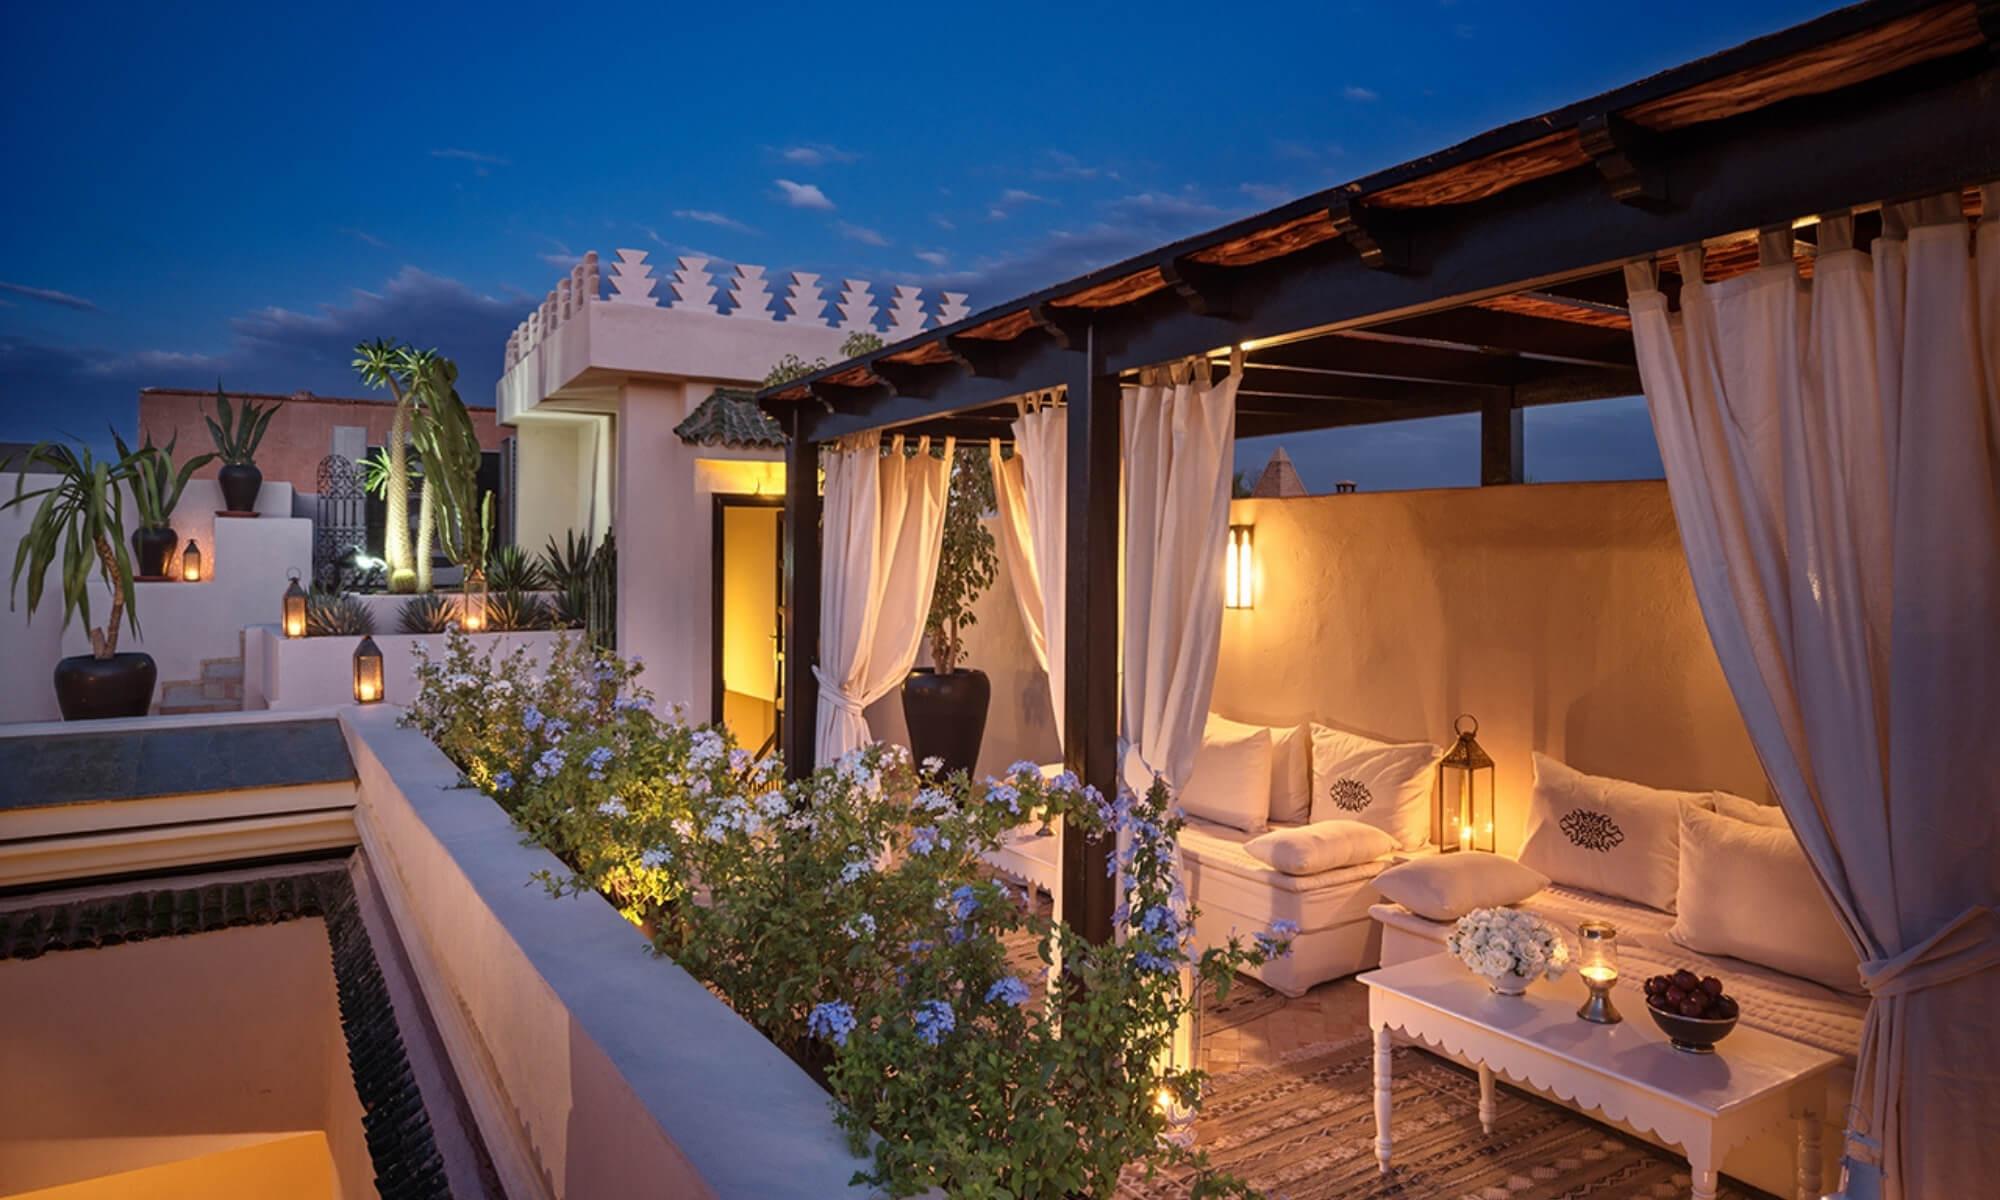 Privato: Marrakech, Morocco – 3 Nights at Riad Kheirredine, Suite